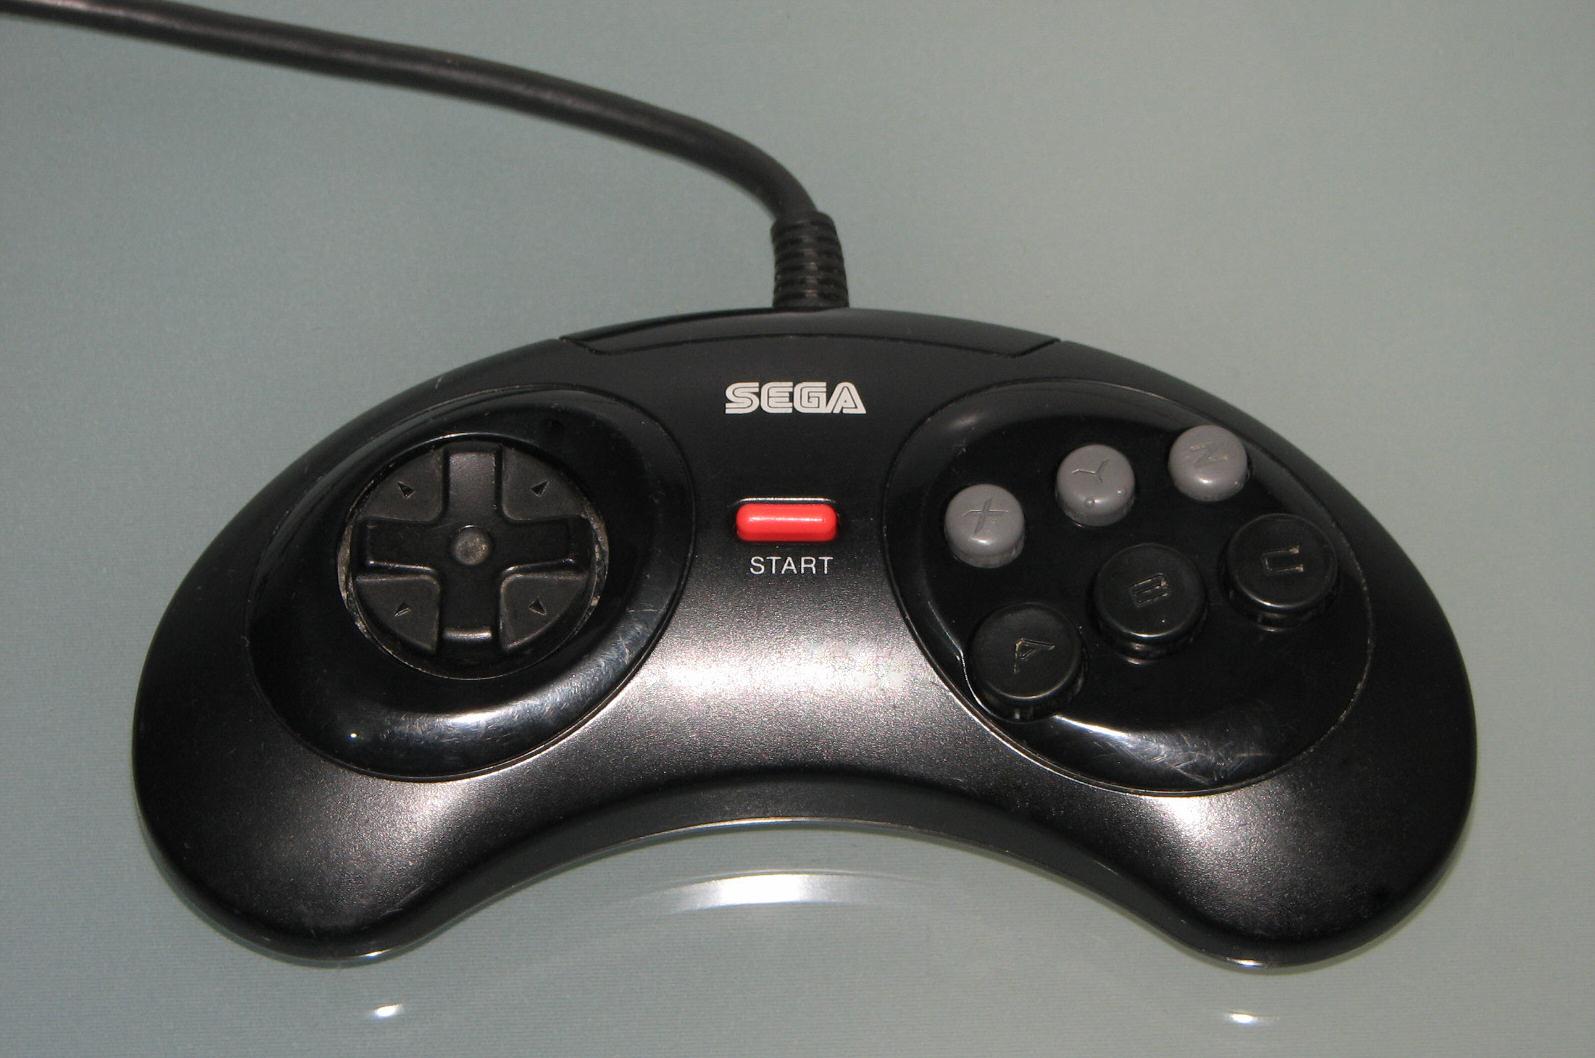 Ovo je kontroler pravih igrača